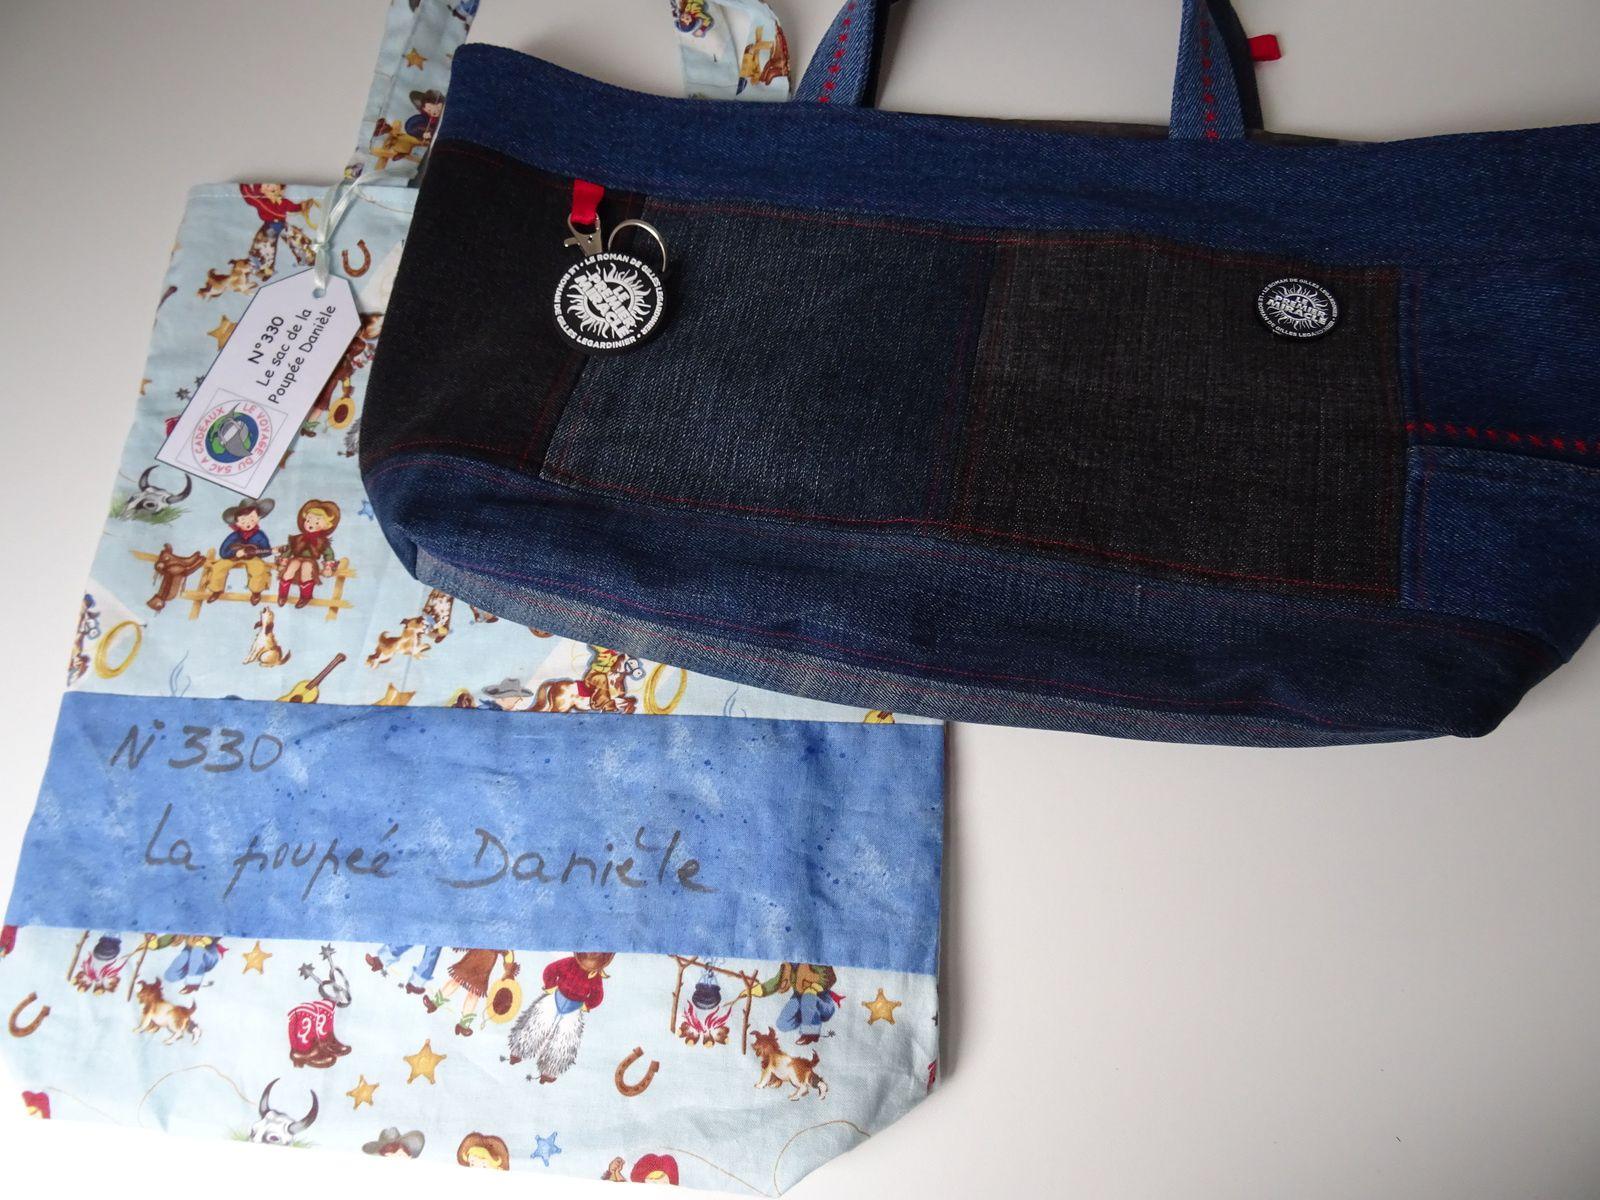 N°330 Le sac de la poupée Danièle : 8ème voyage pour Séverine